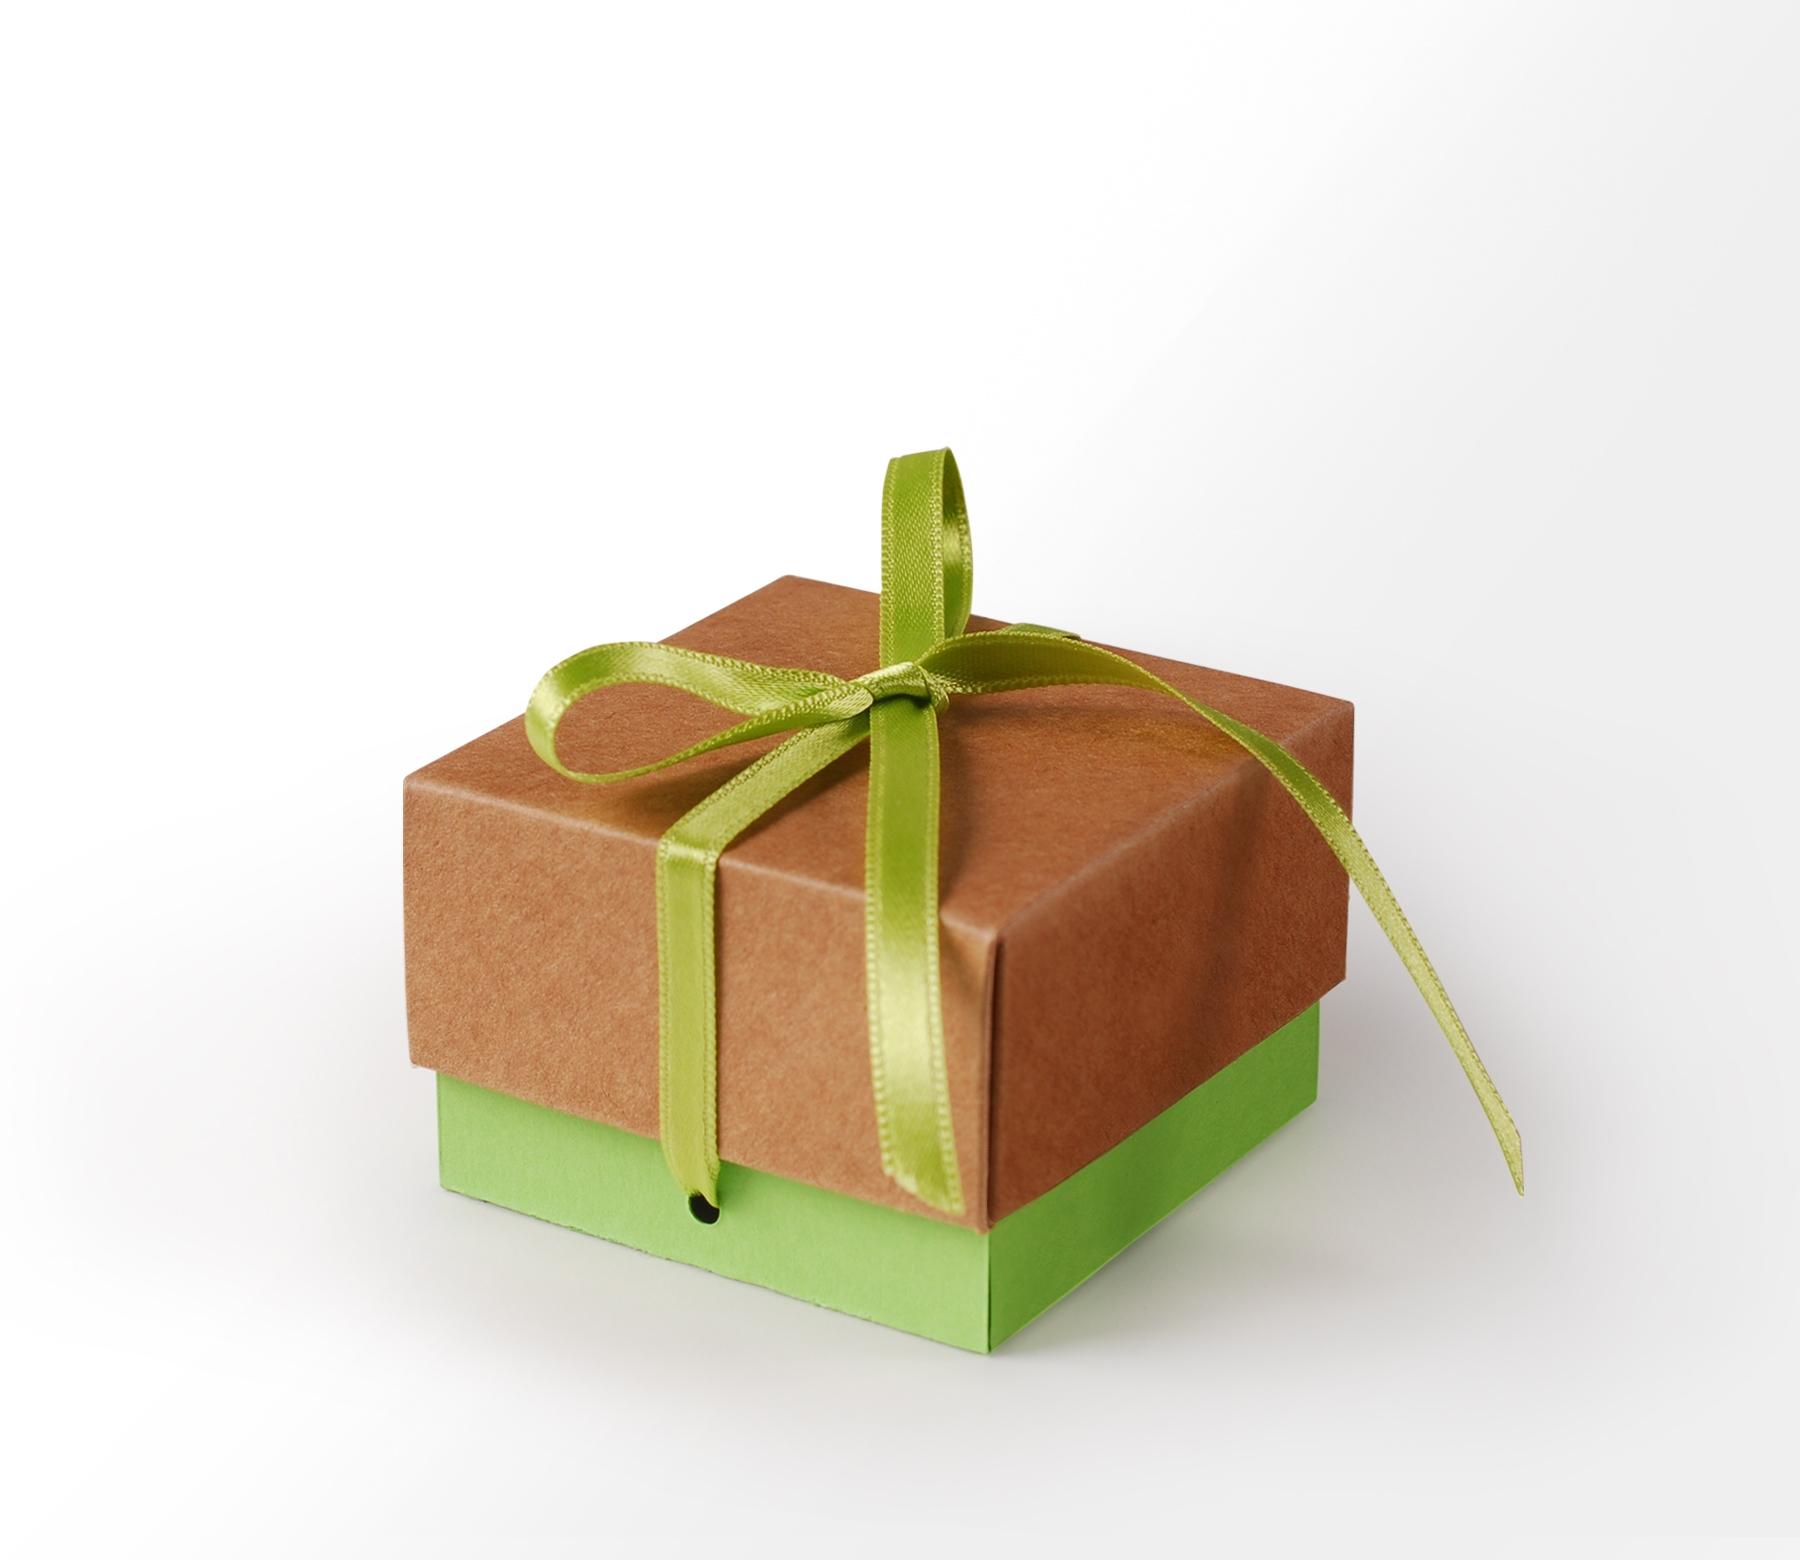 Cajas Para Regalos Envuelve Bonito Tus Regalos Selfpackaging ~ Cajas De Carton Decorativas Grandes